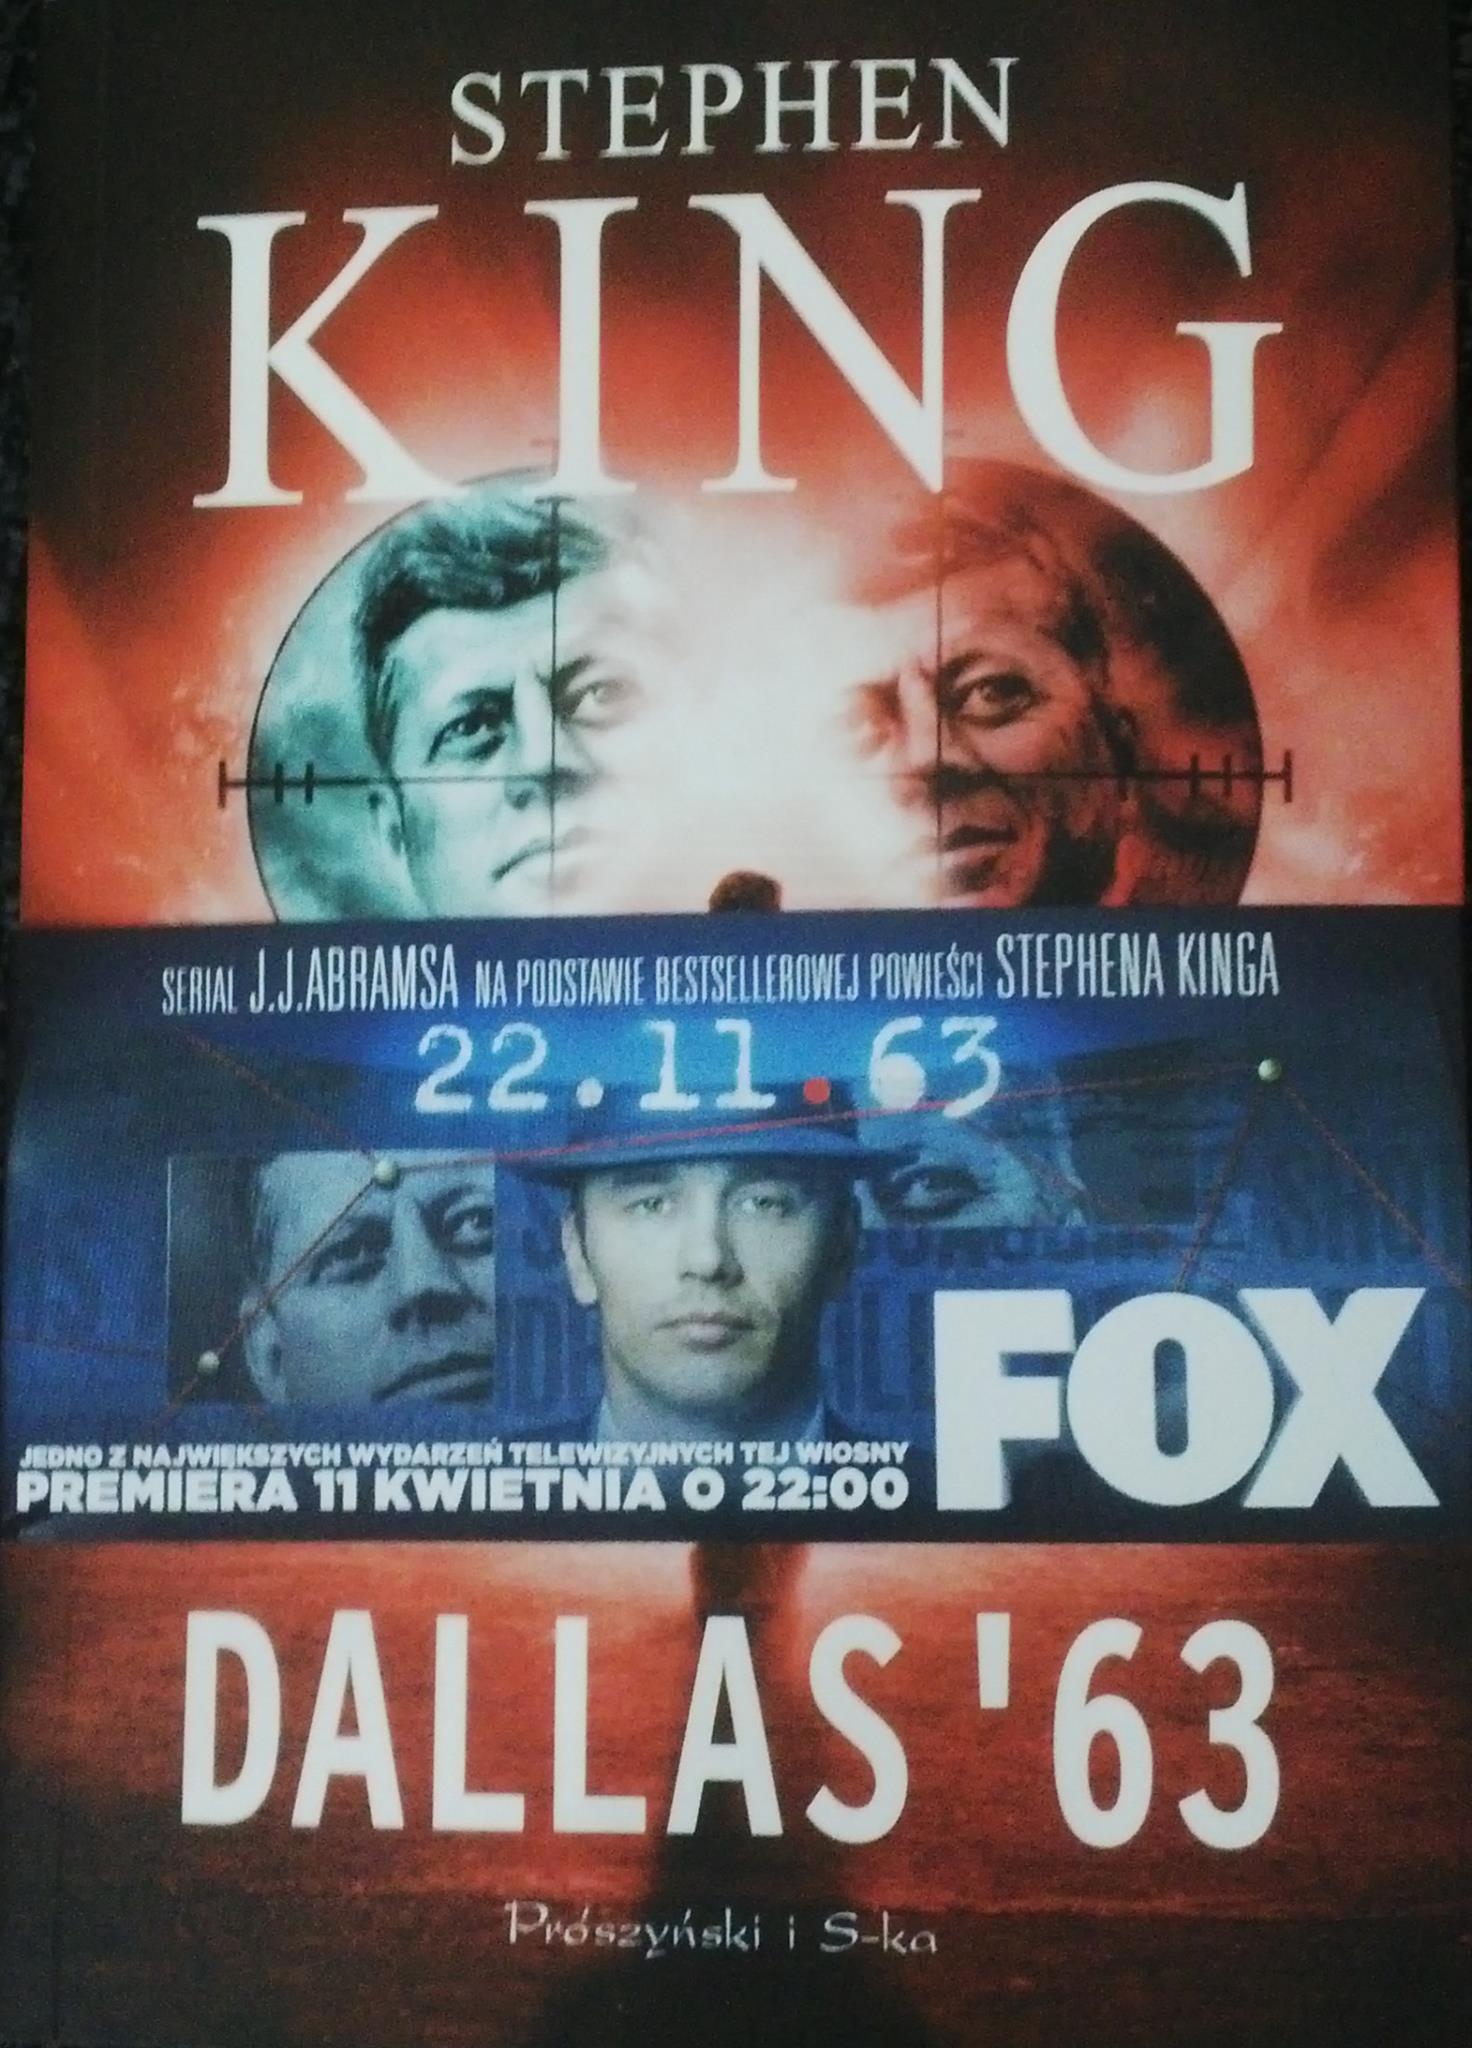 Dallas'63 - 22.11.63